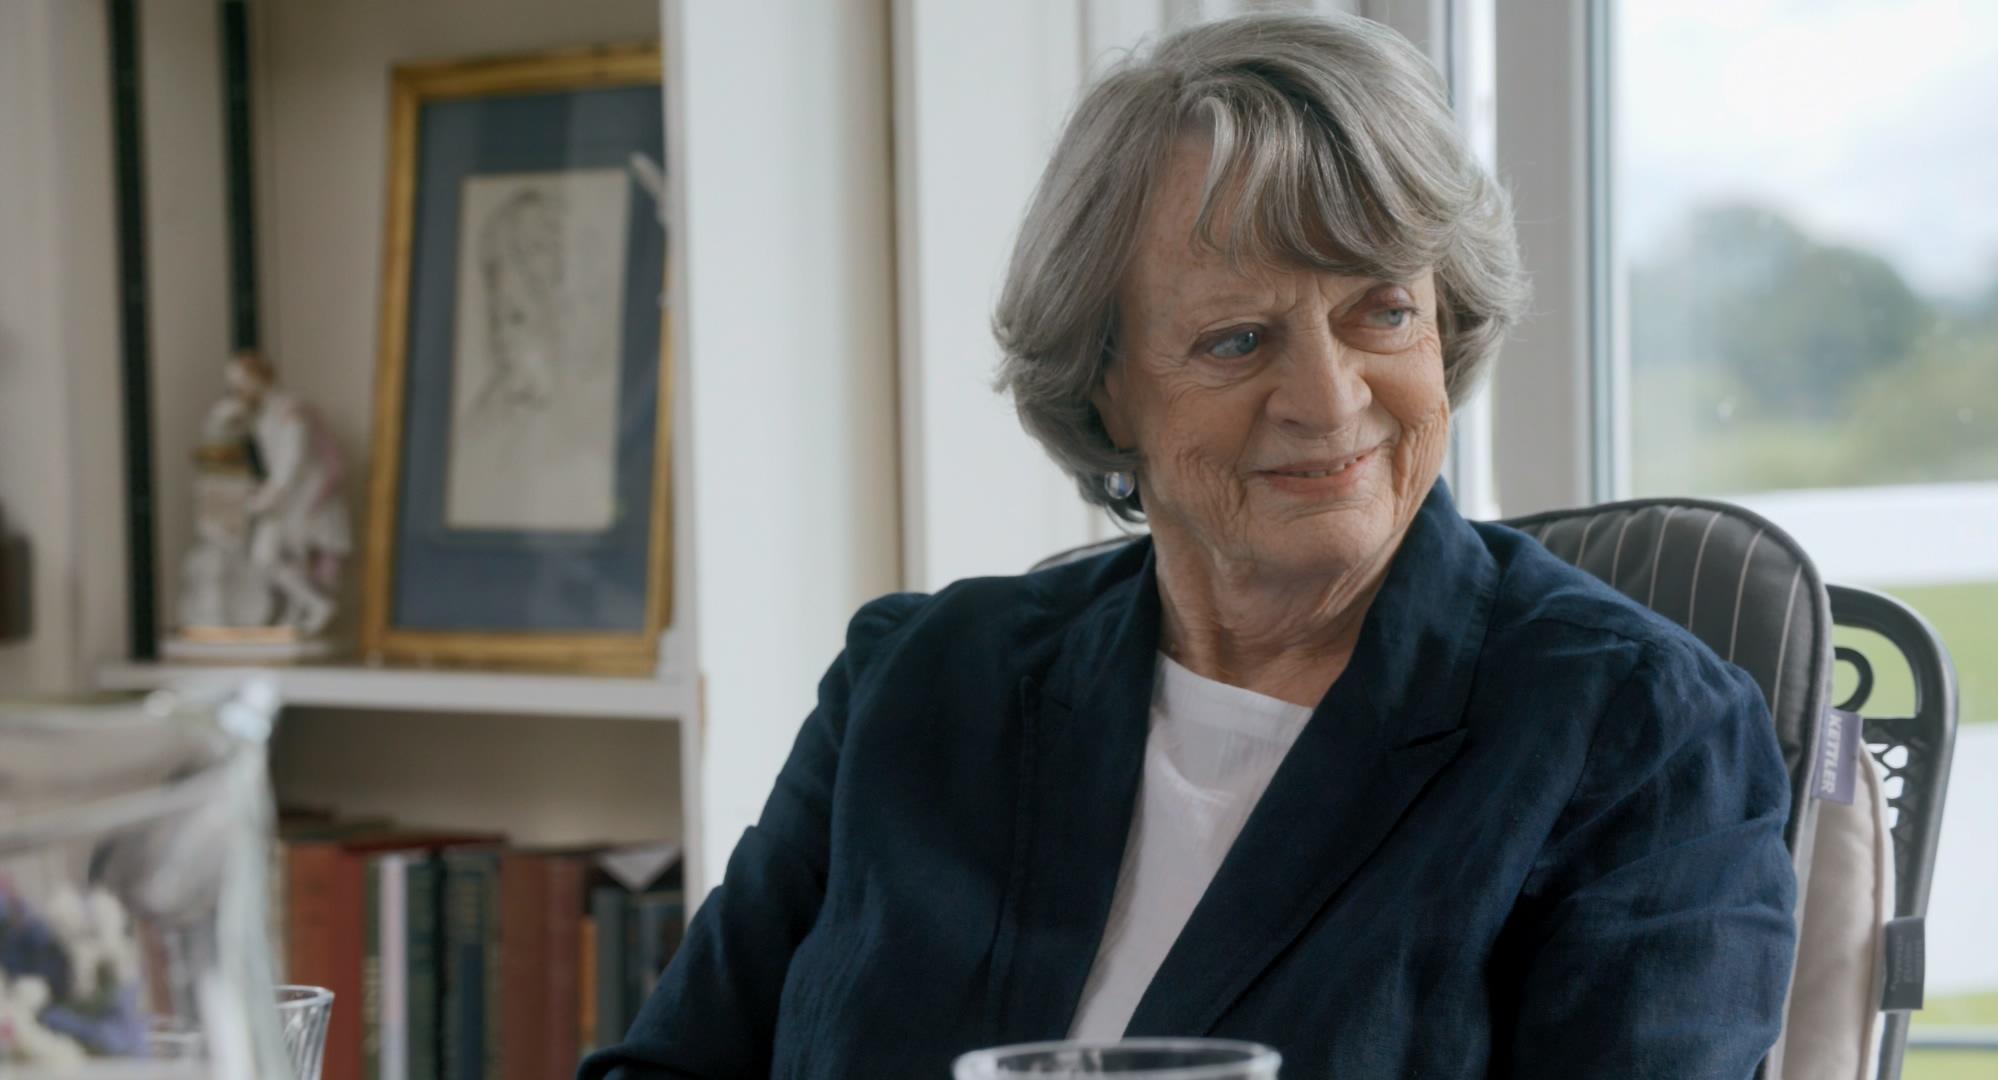 金獎女星瑪姬史密斯在電影《女神們的下午茶》大爆離婚秘辛